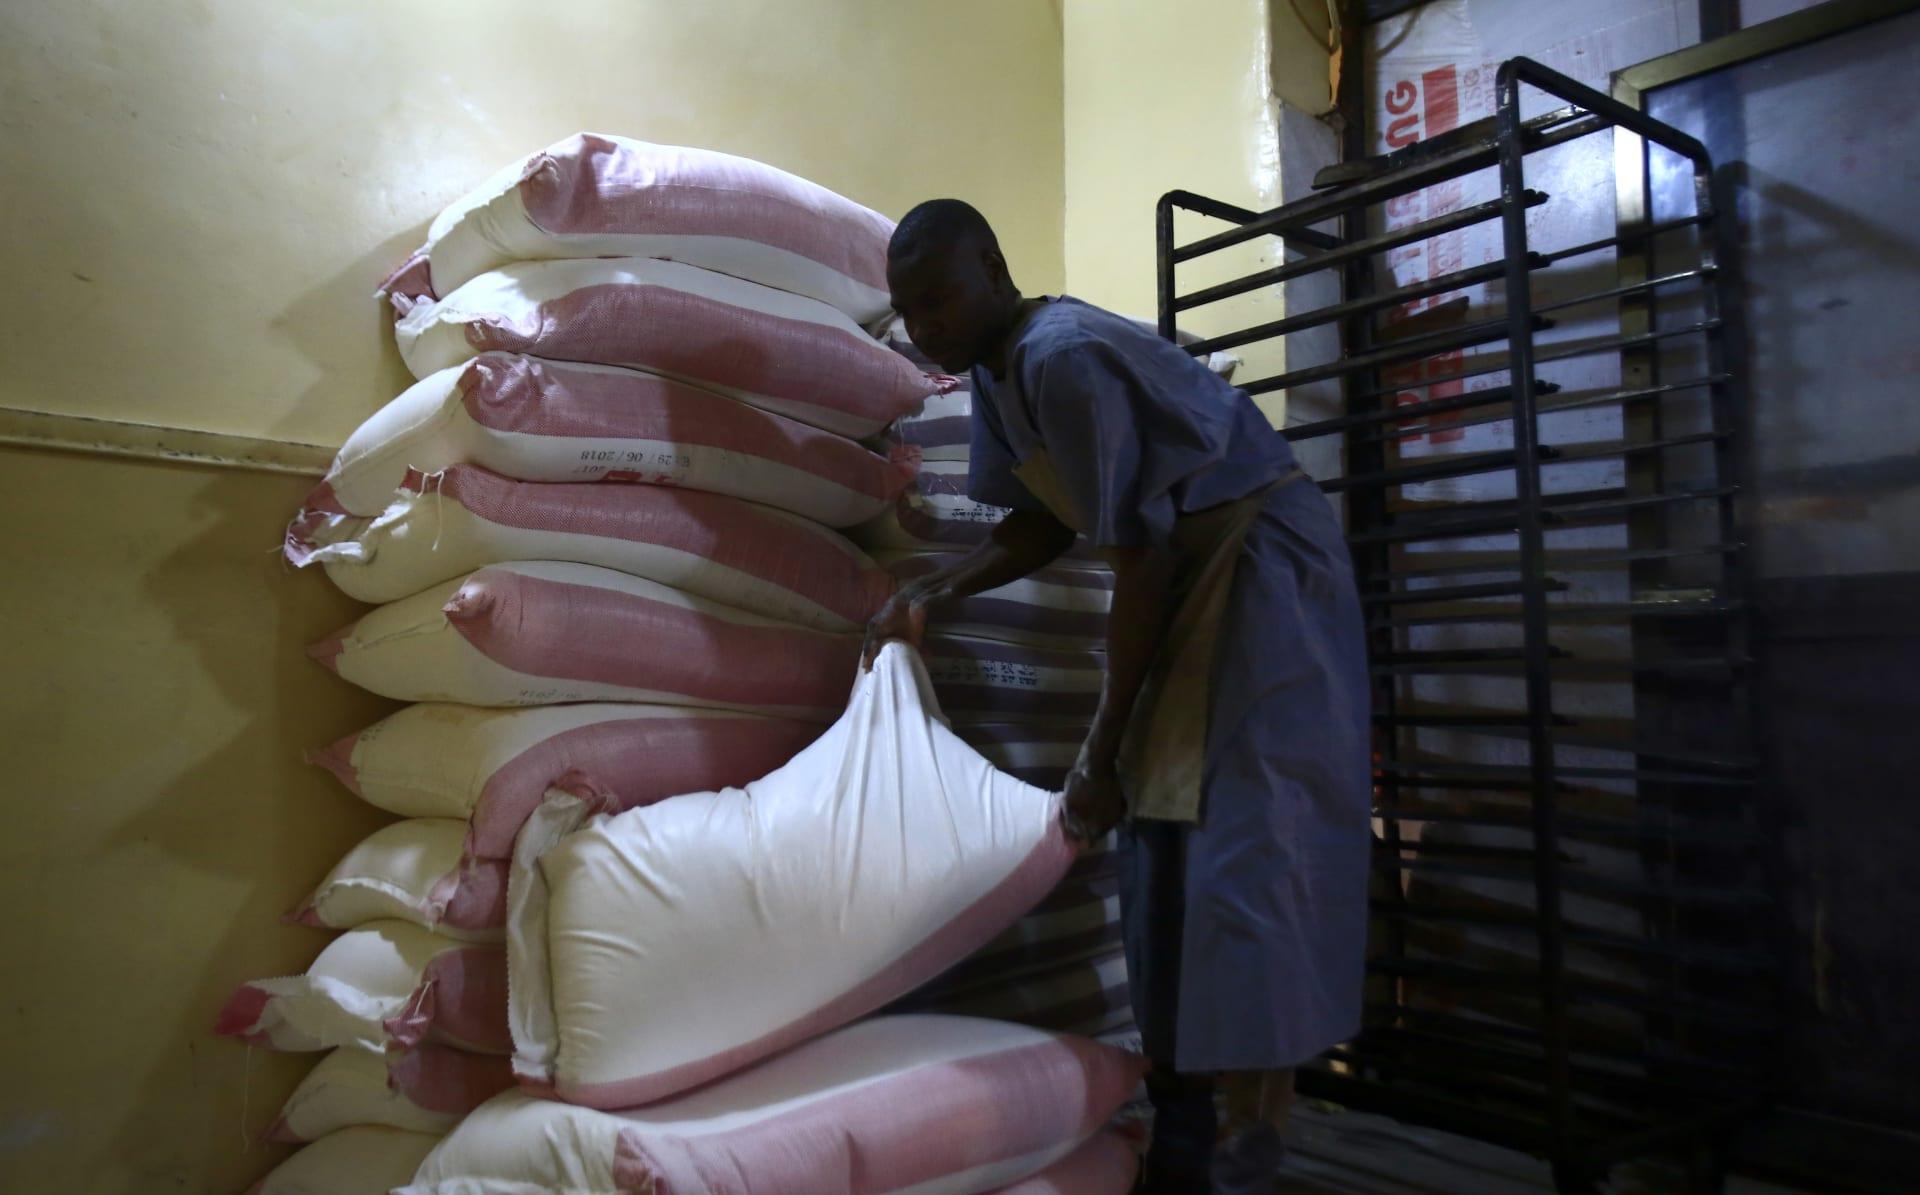 رئيس وزراء السودان: الدعم لن ينخفض.. وبإمكاننا تحقيق 10% نموا